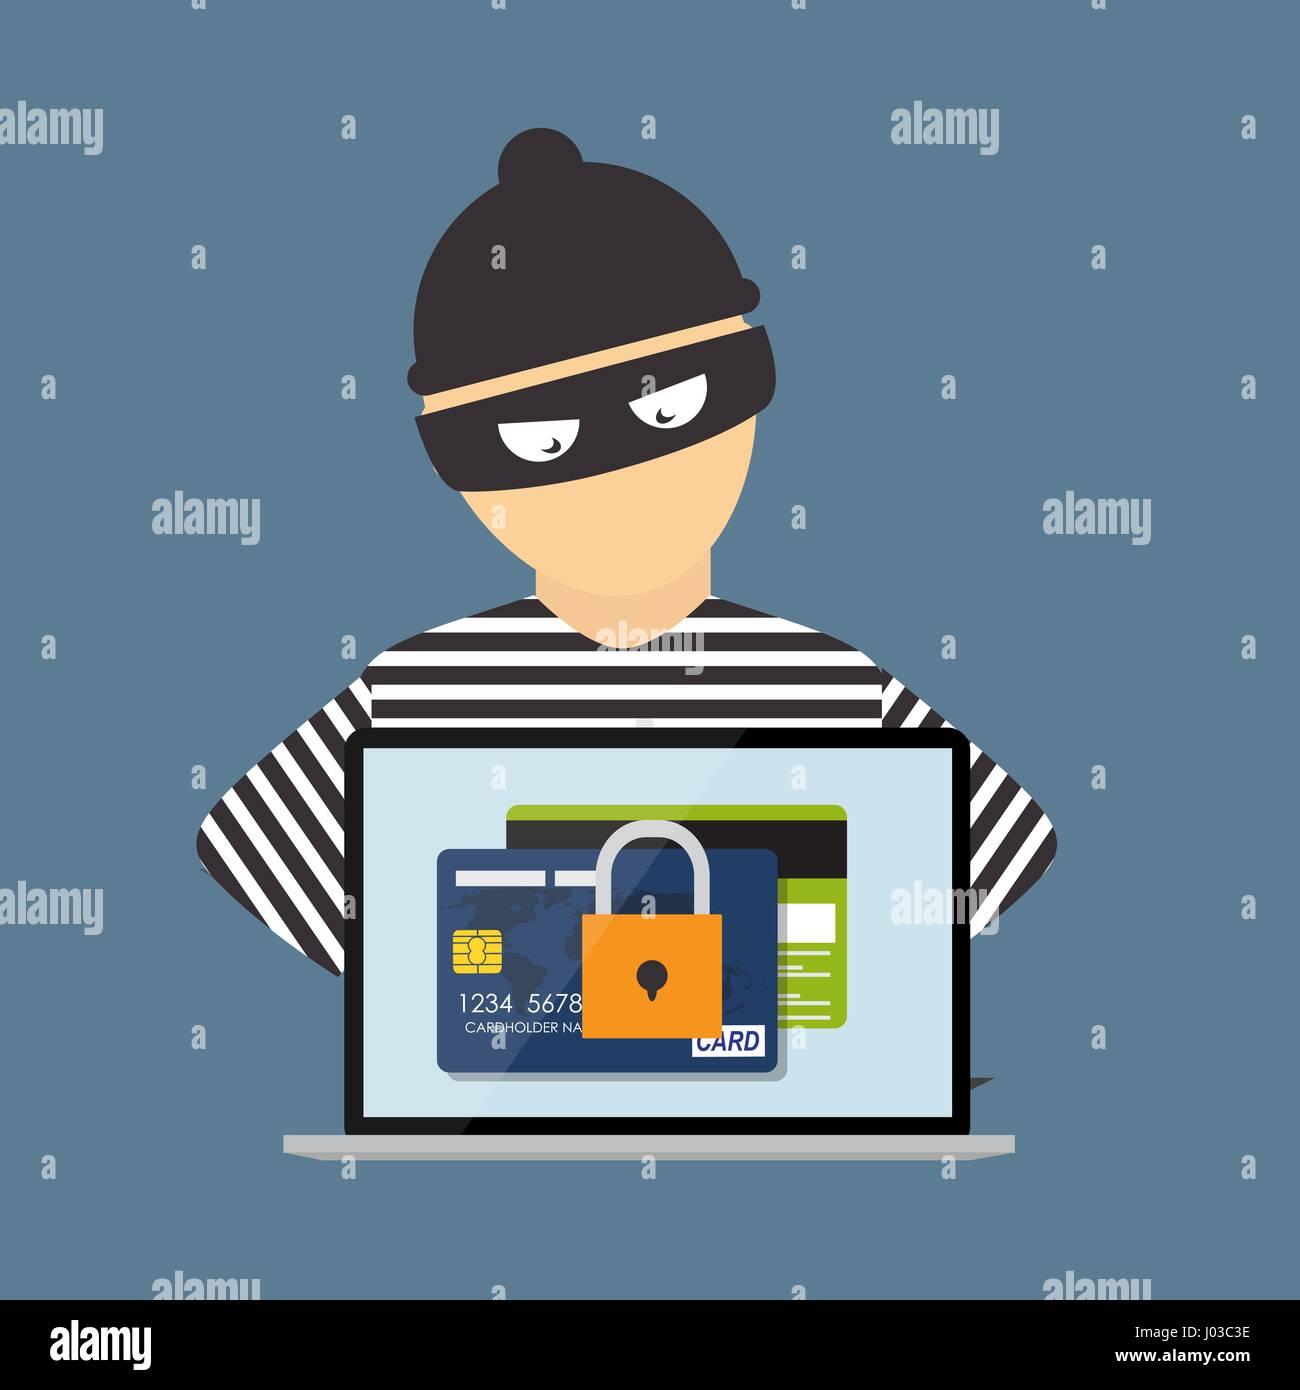 Hacker penale, la nozione di frode, cyber criminalità. Vector illustrat Immagini Stock